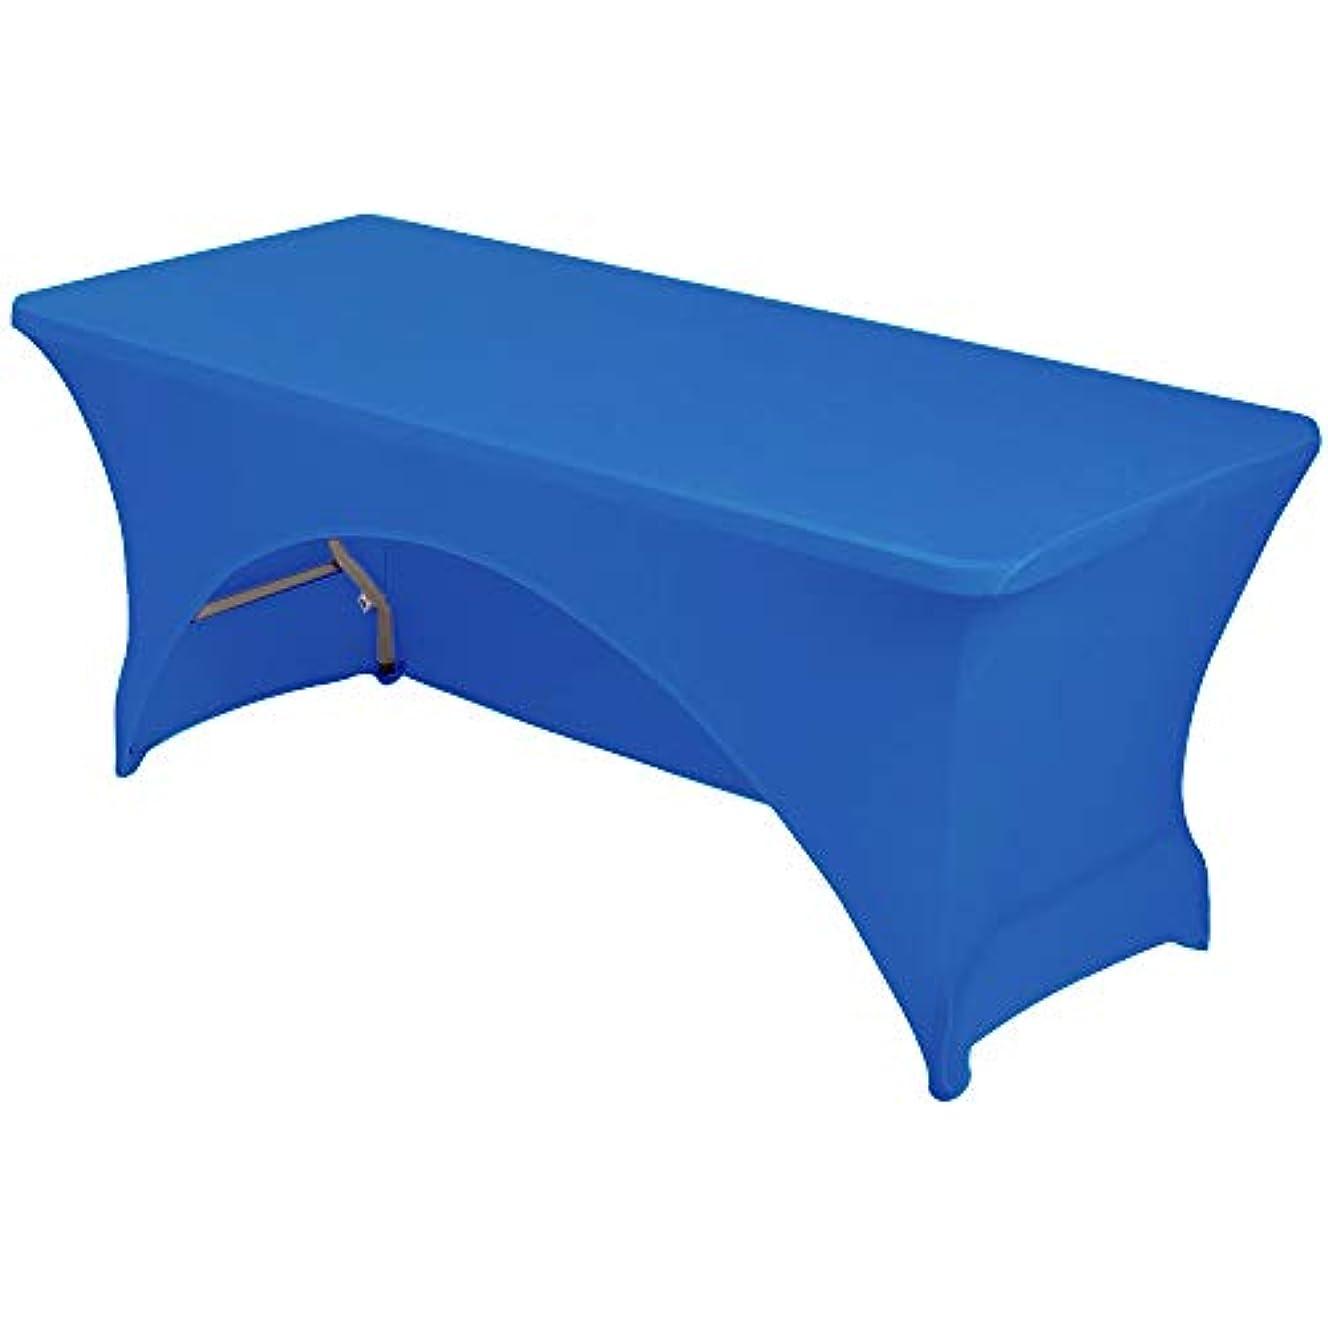 モス襟反対するYOYO HOME 長さ185×幅76×高さ76cm ポータブルベッドクロス 折りたたみベッド ポータブルベッド 整体ベッド マッサージ台 施術ベッド 施術台 エステベッド マッサージ 整体 ベッドを使う